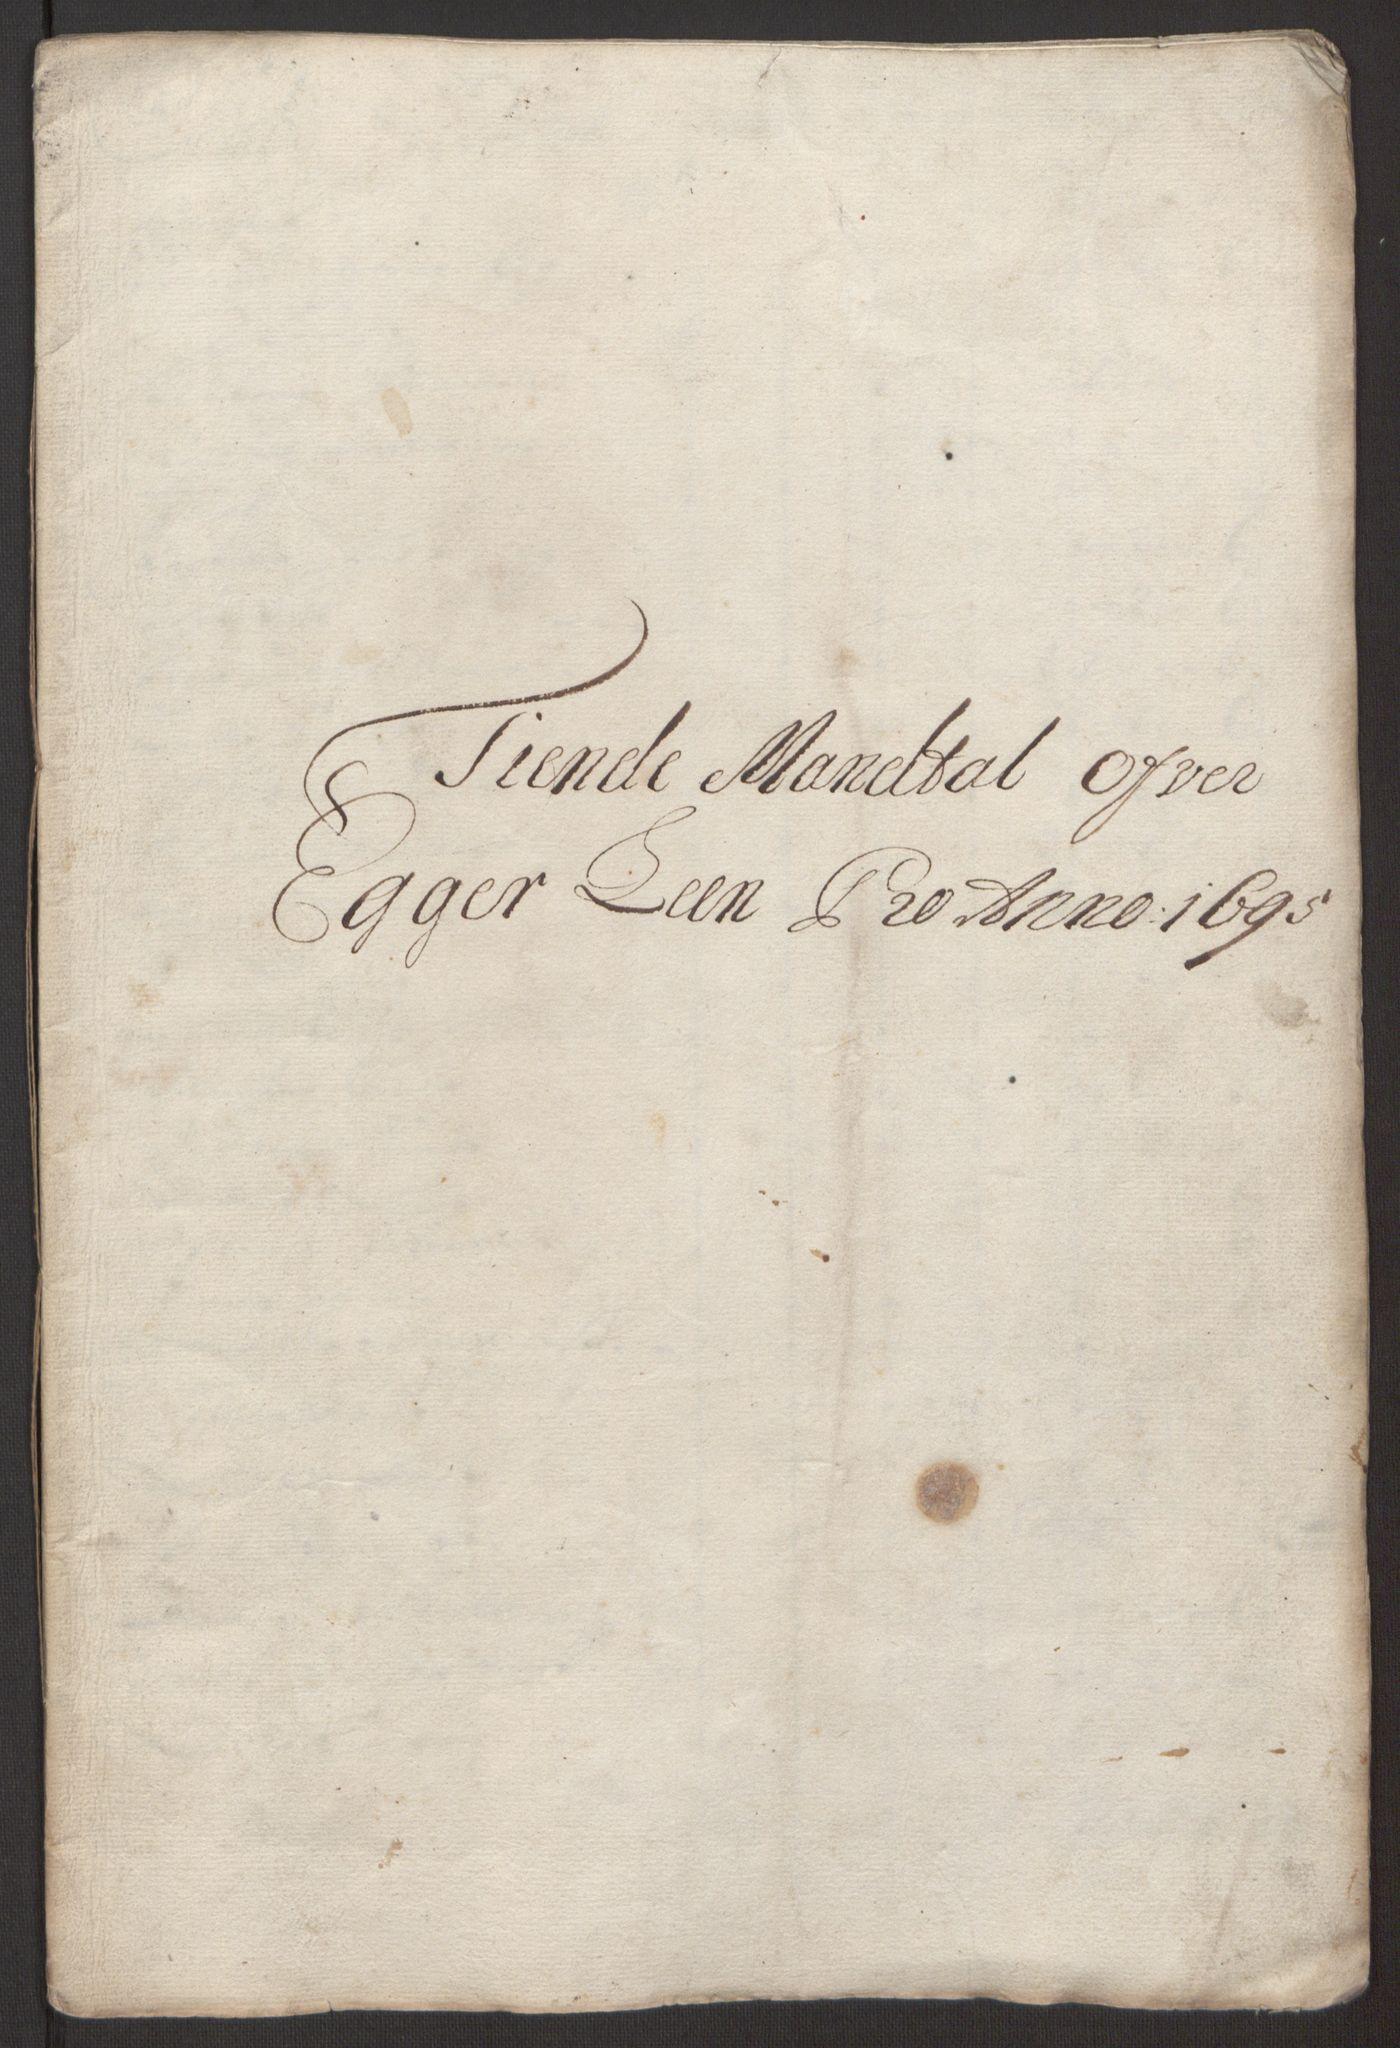 RA, Rentekammeret inntil 1814, Reviderte regnskaper, Fogderegnskap, R30/L1694: Fogderegnskap Hurum, Røyken, Eiker og Lier, 1694-1696, s. 171